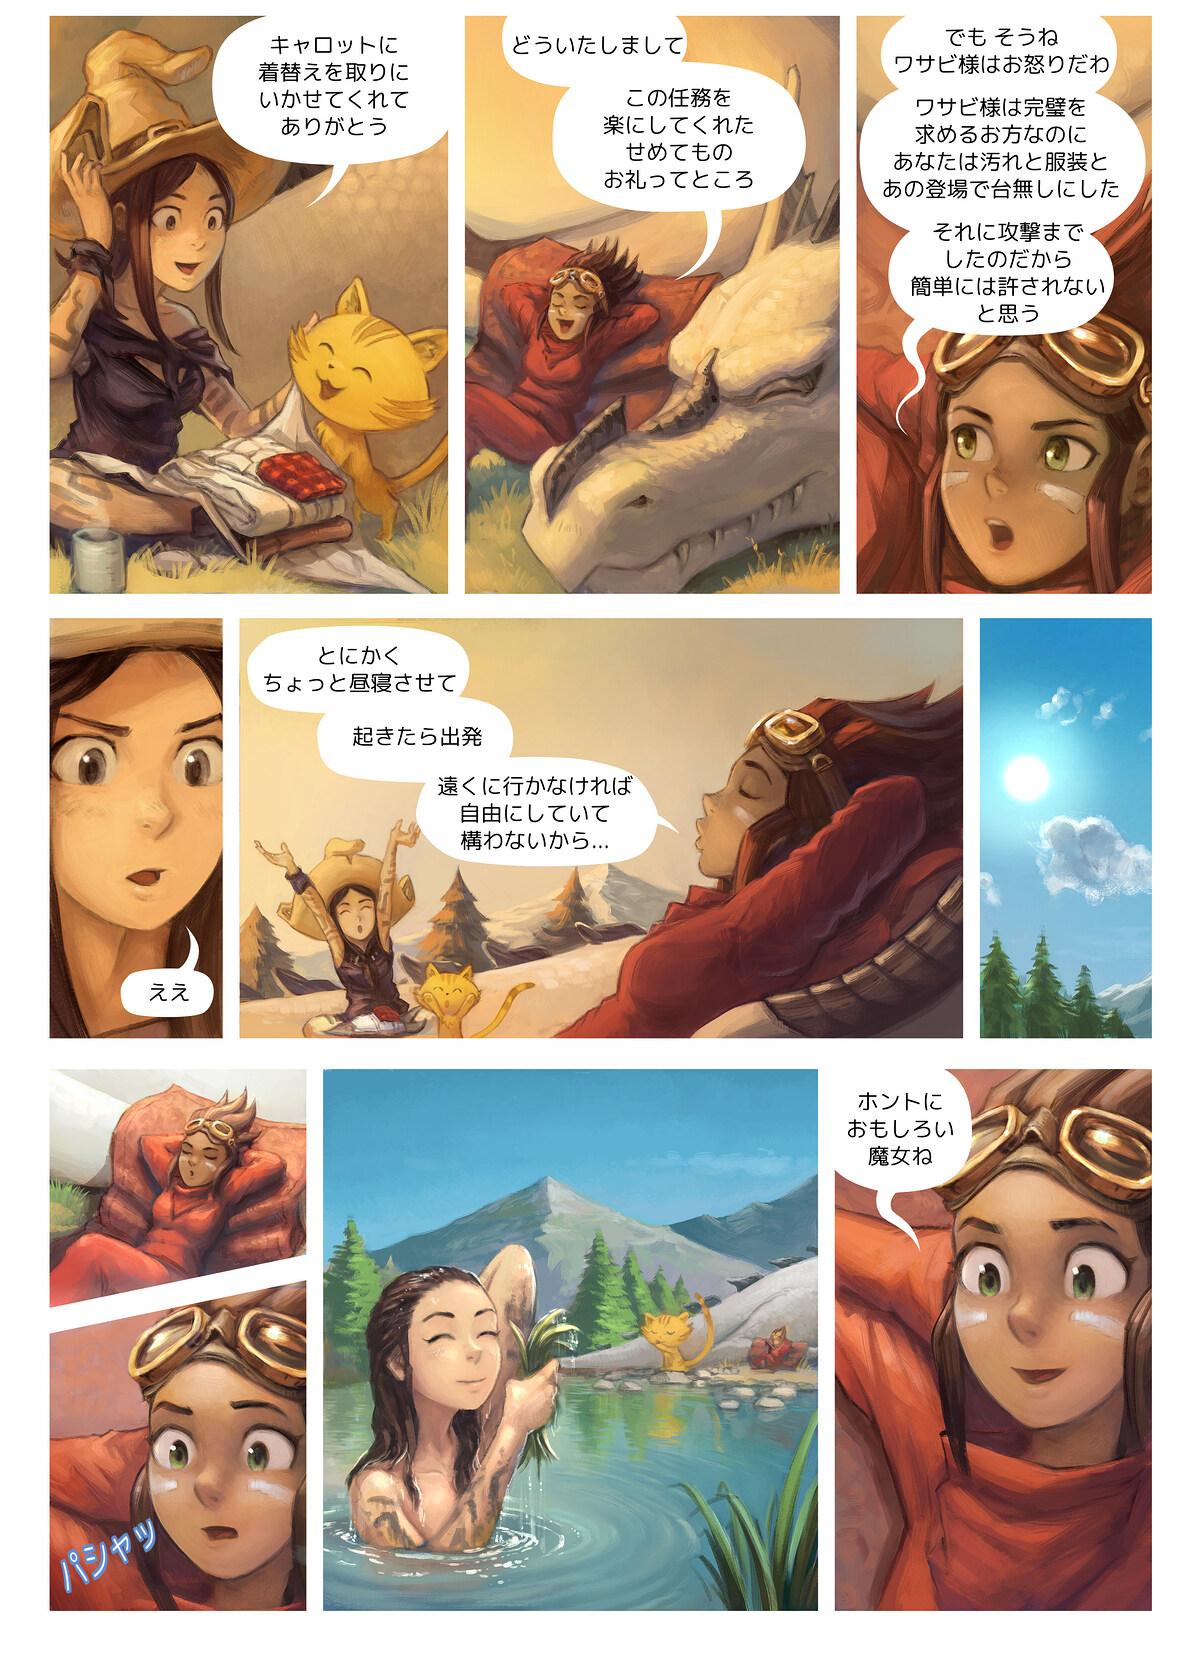 エピソード 35: 鏡像, ページ 11